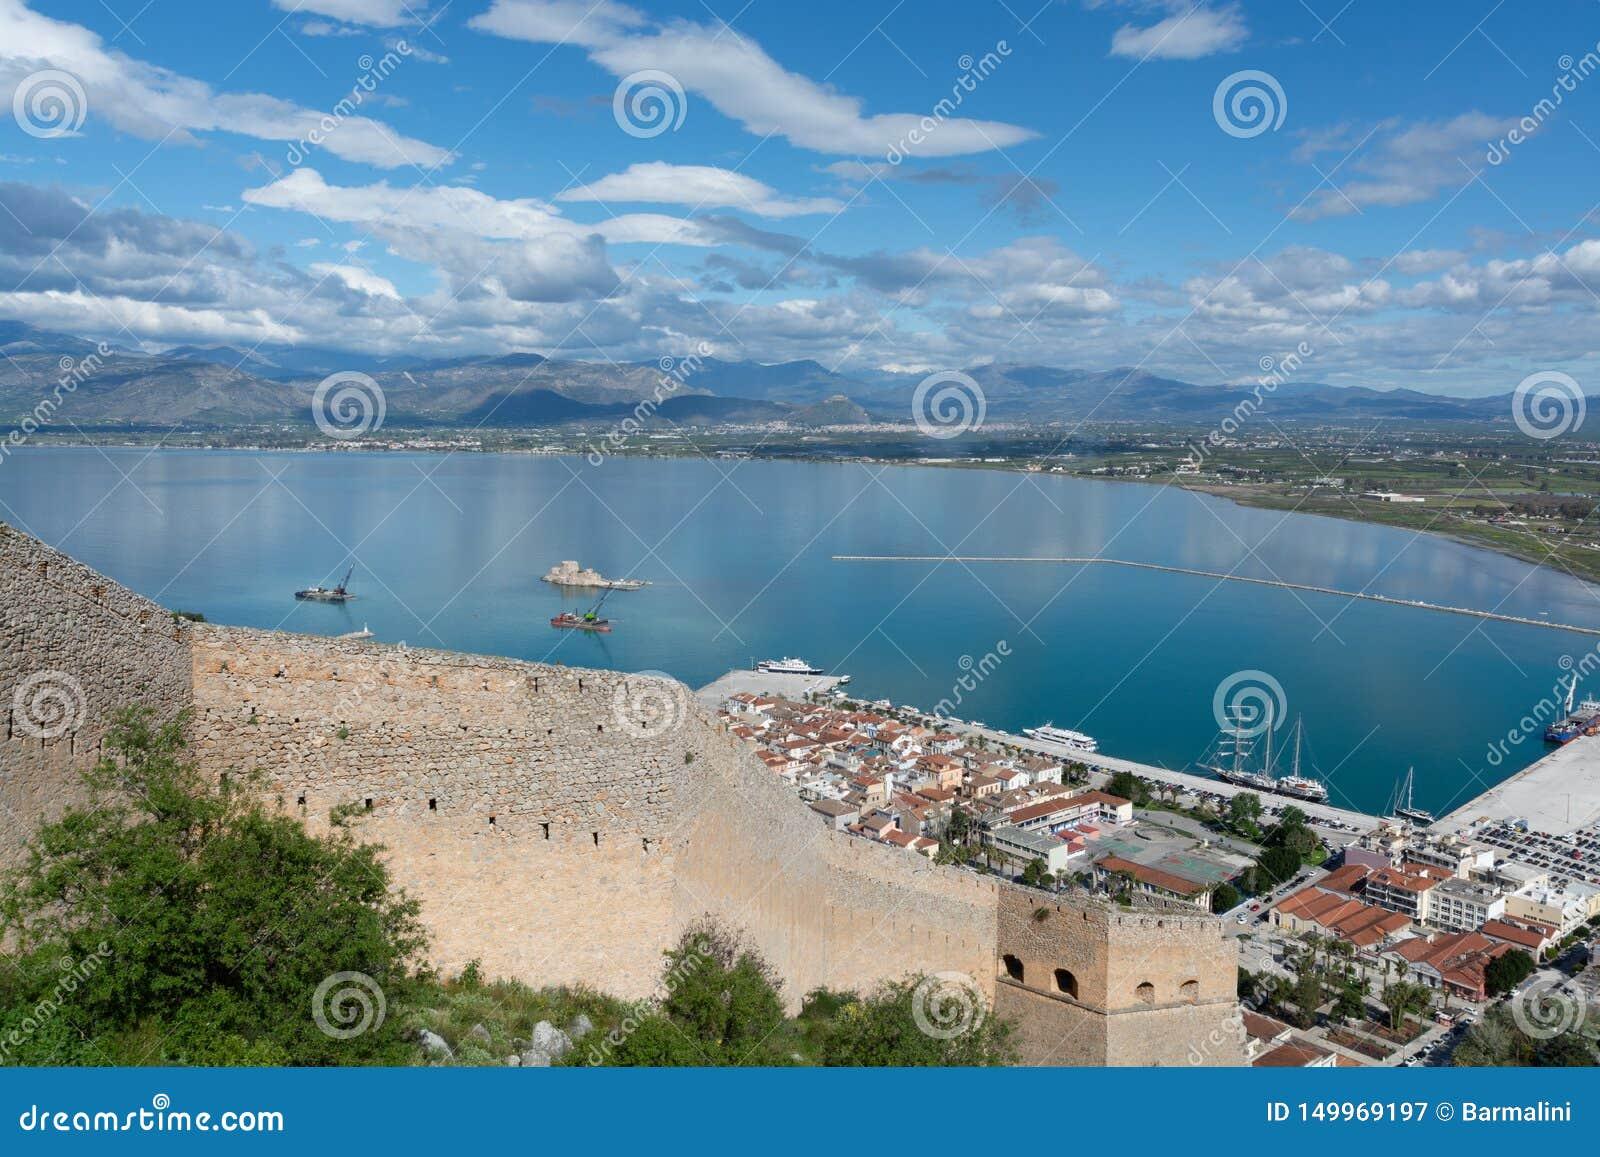 风景有在纳夫普利翁,海口镇在伯罗奔尼撒在希腊,阿尔戈利斯州地方单位,游客旅行的资本的看法